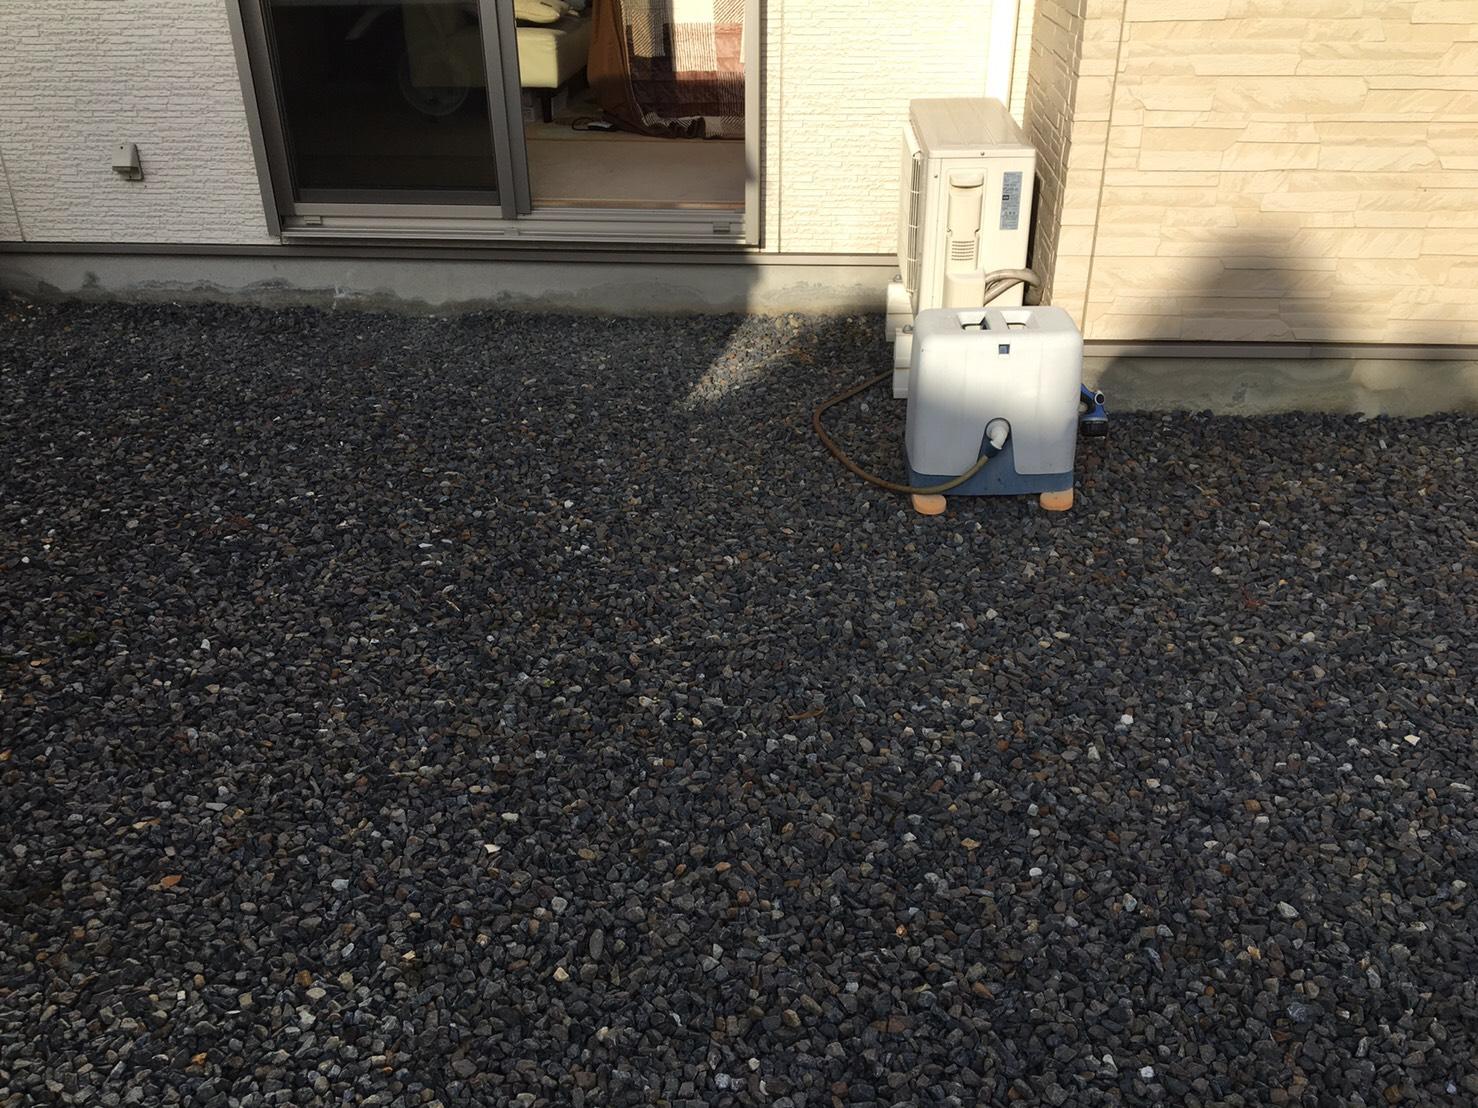 滋賀県草津市のマッサージチェアの回収後